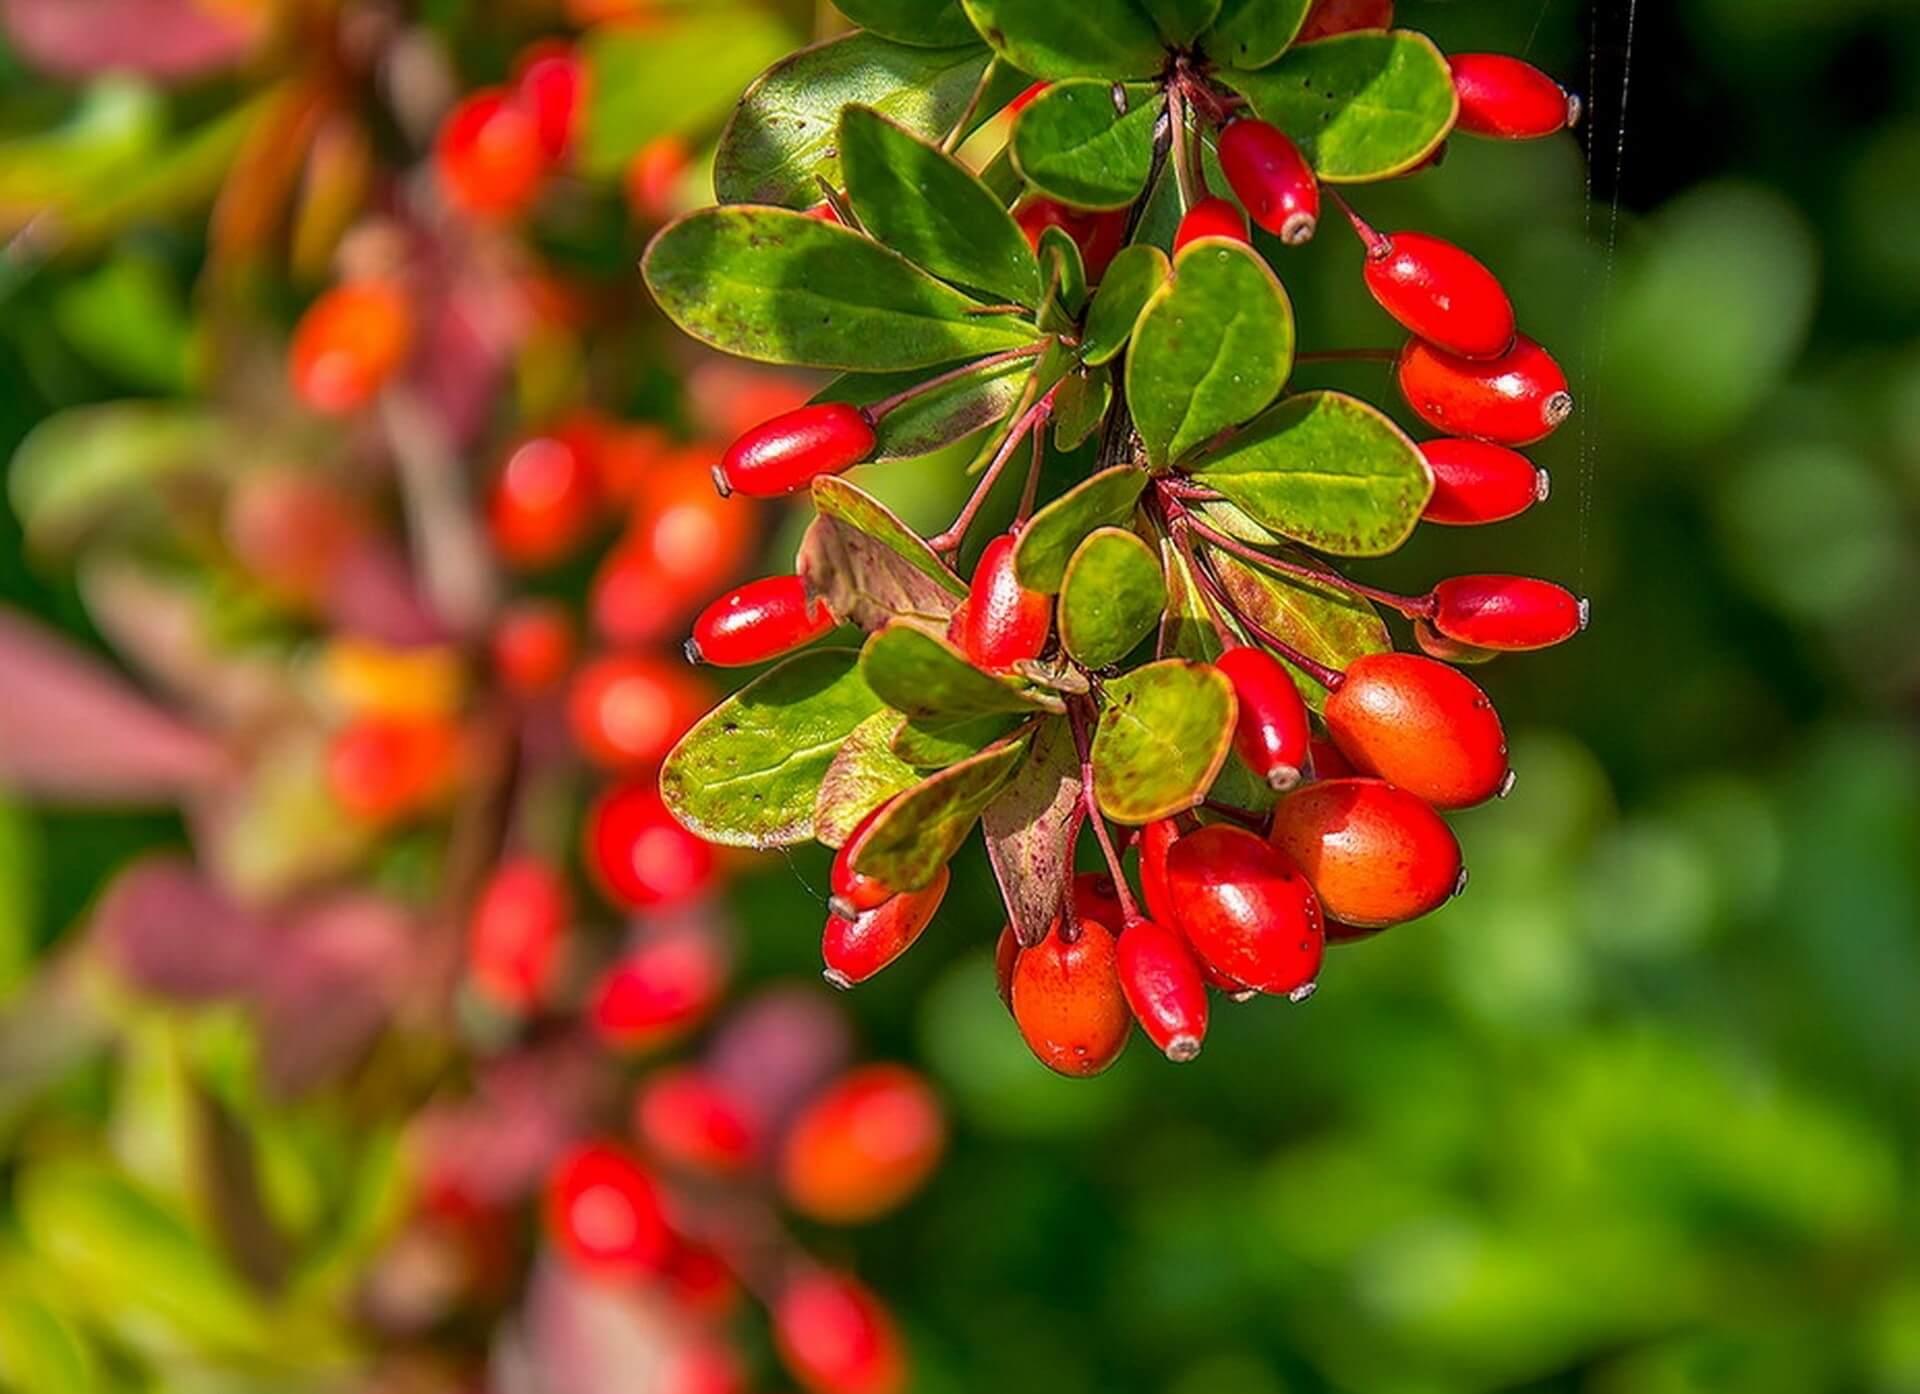 Посадка и уход за барбарисом обыкновенным — приятные хлопоты и украшение сада